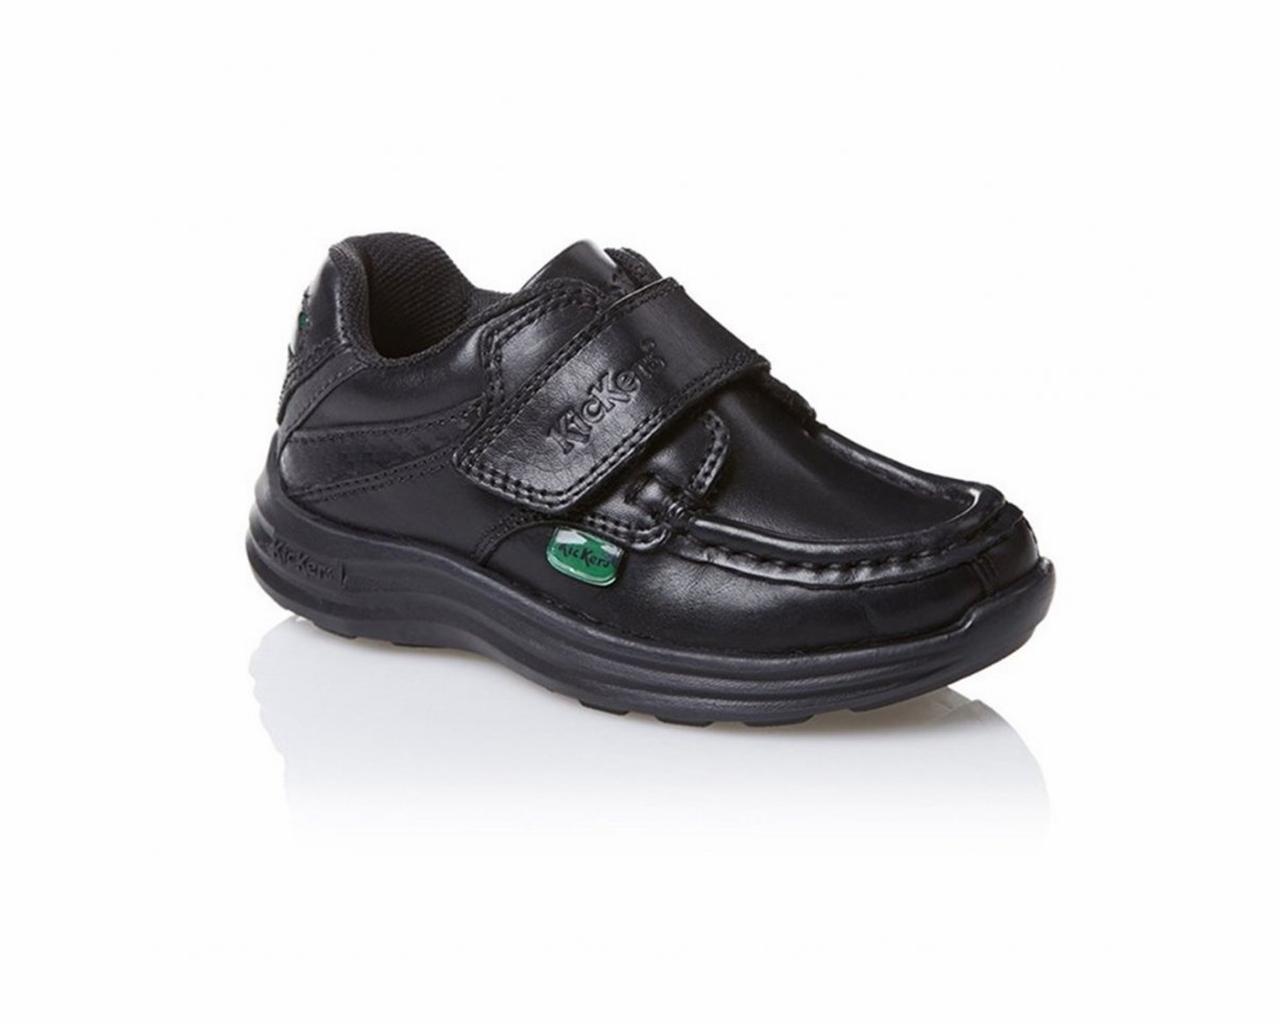 827da5a9e Venta niños Kickers REASAN IM 112833 escuela de los muchachos de cuero  negro zapatos